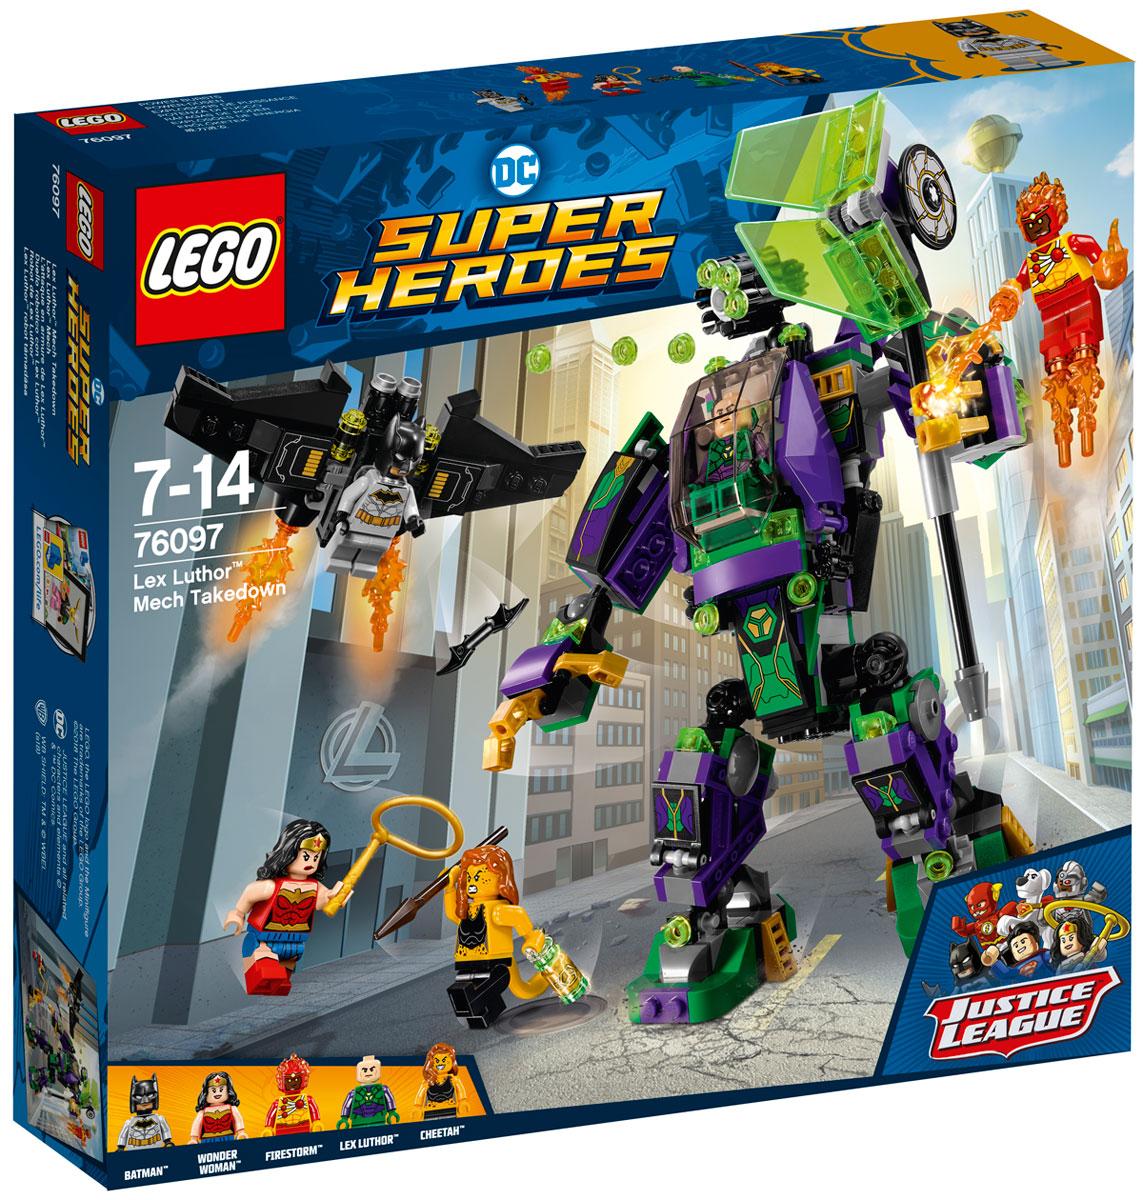 LEGO Super Heroes Конструктор Сражение с роботом Лекса Лютора 76097 конструктор lego marvel super heroes реактивный самолёт мстителей 76049